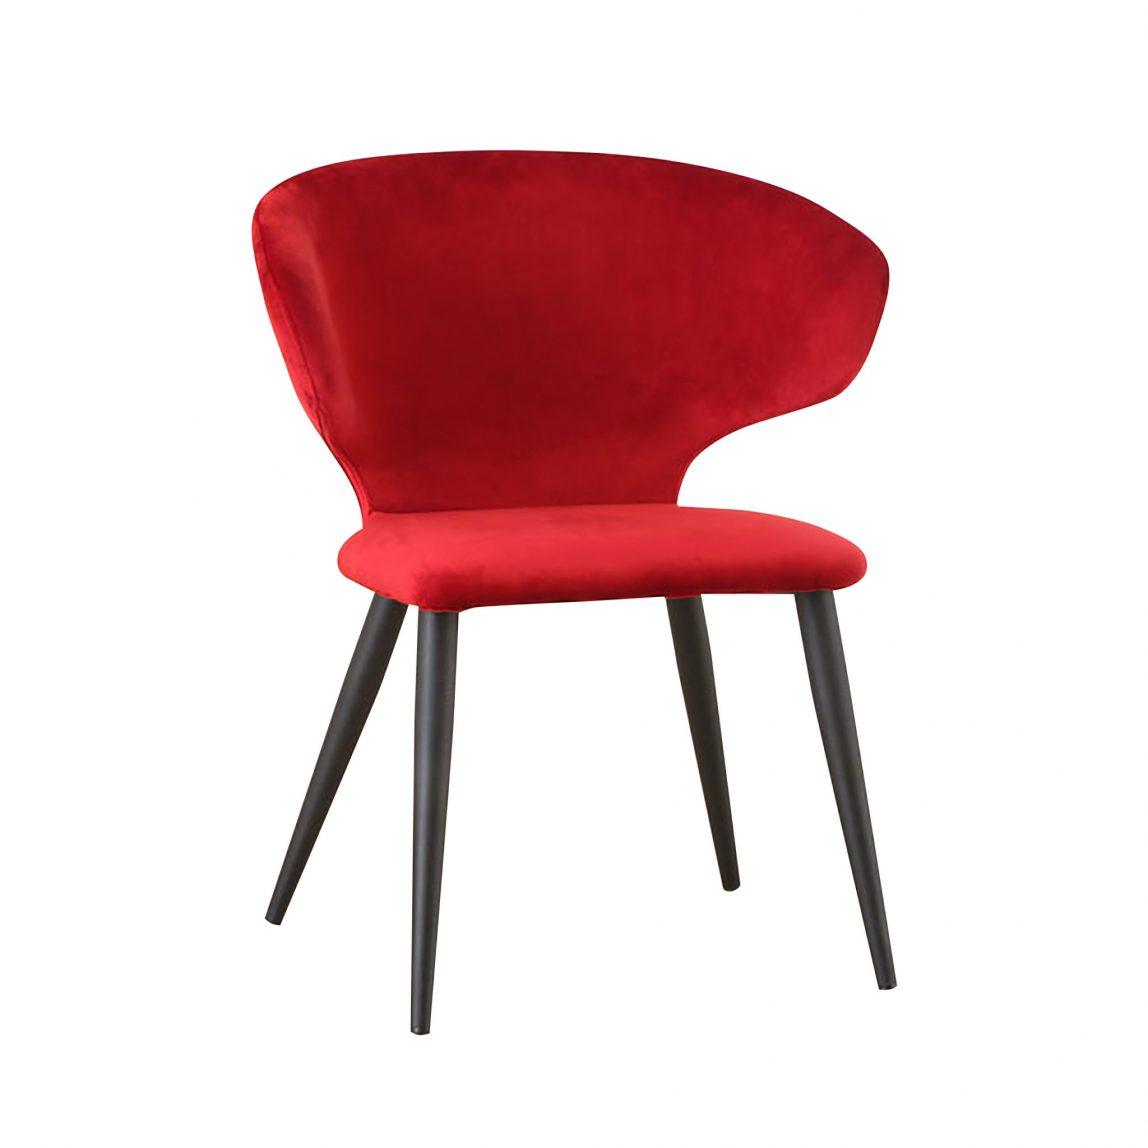 Велюровый красный стул Нил